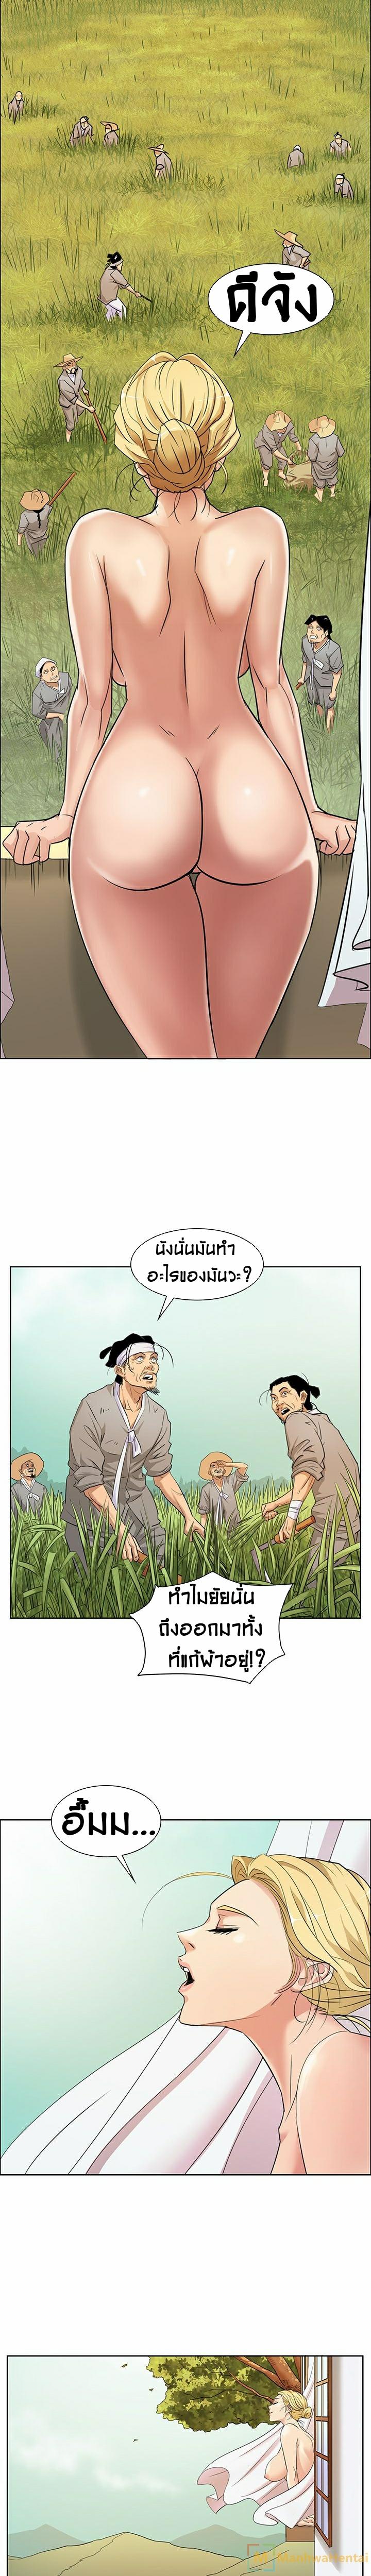 ควีน บี ภาพ 7